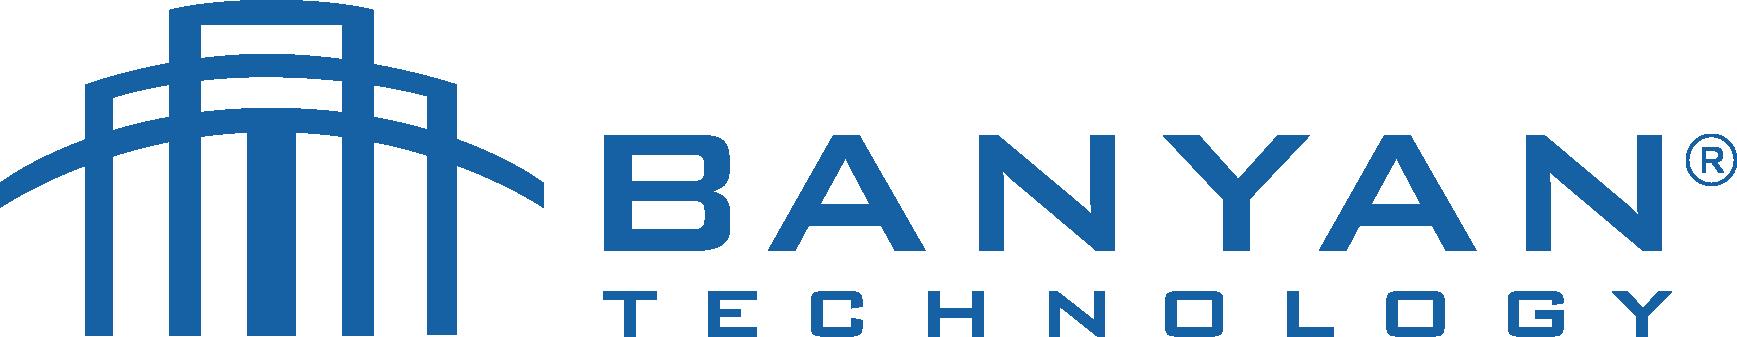 BANYAN_Horizontal-1